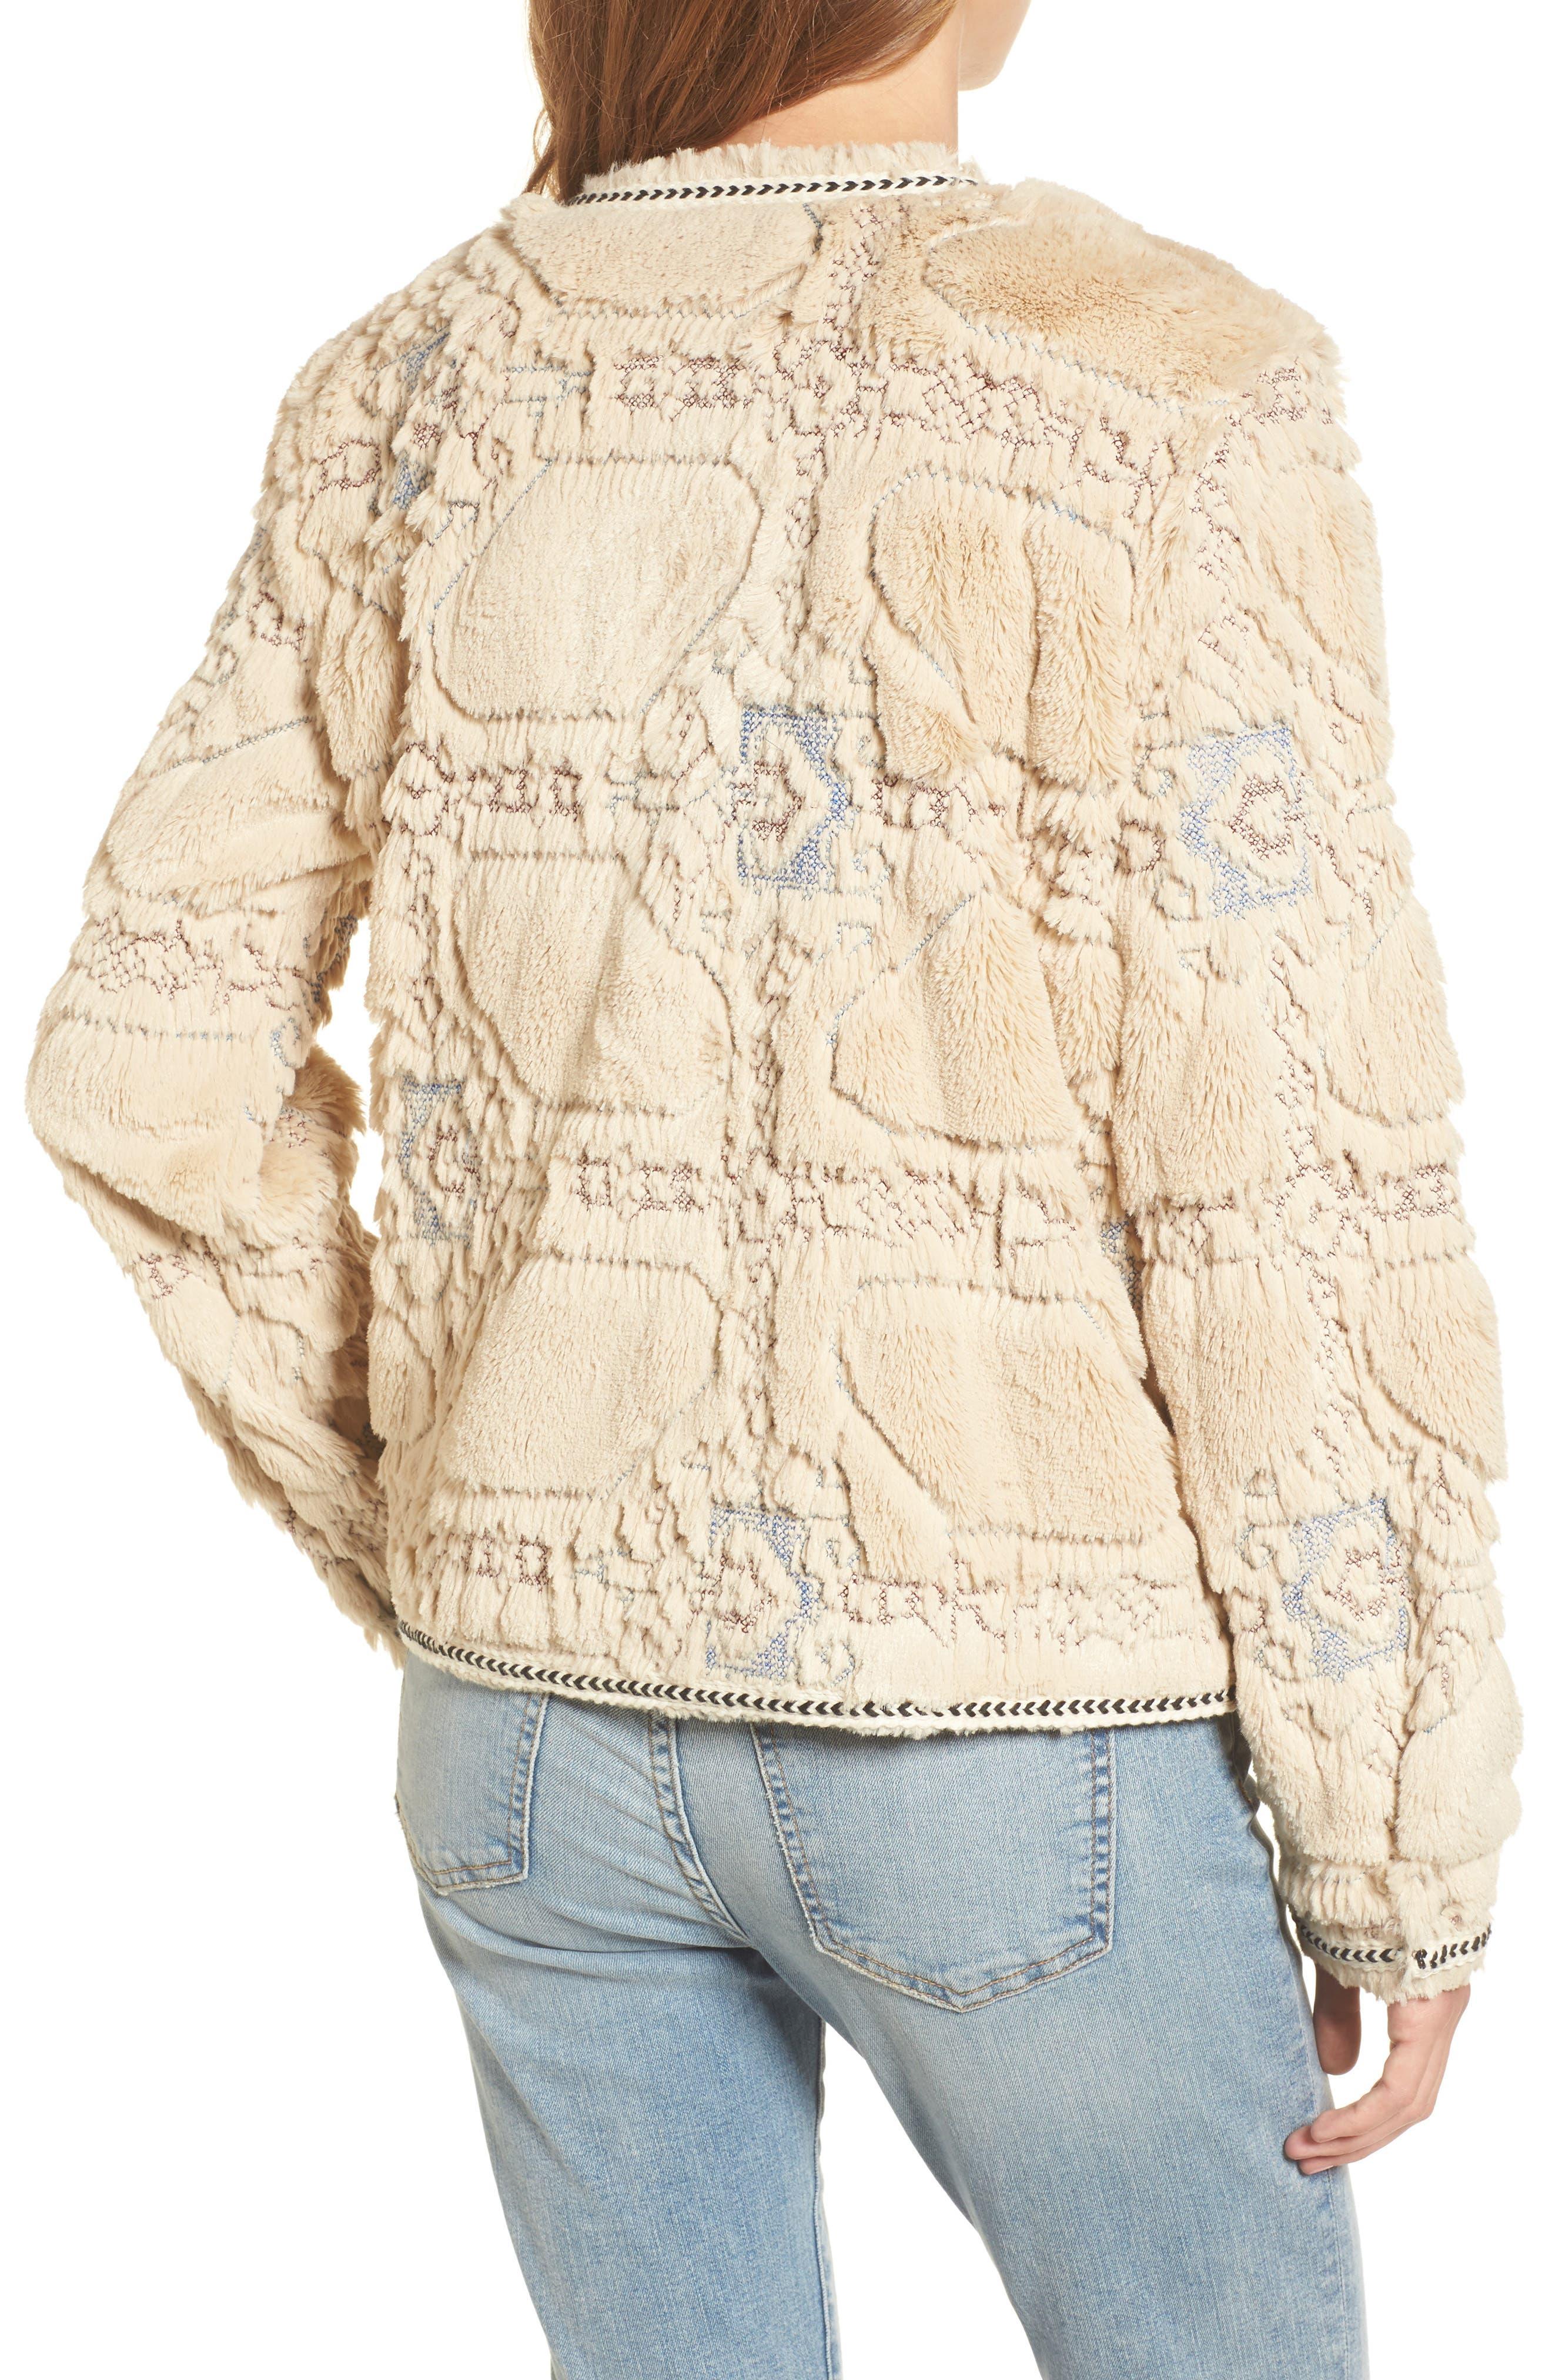 BNCI Embossed Faux Fur Cardigan,                             Alternate thumbnail 2, color,                             Cream